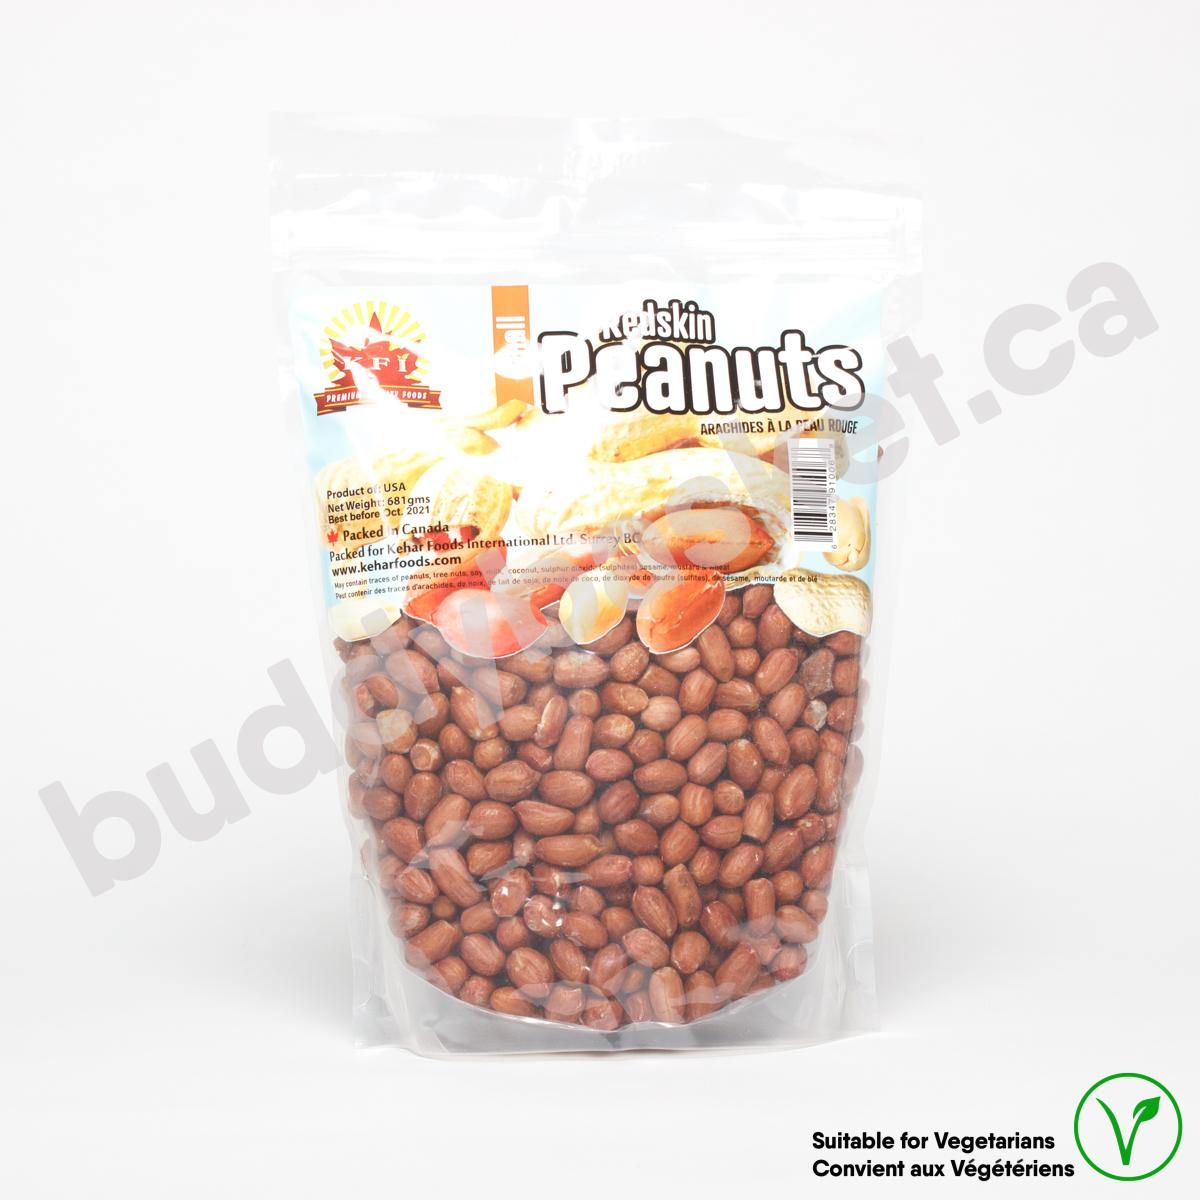 KFI Peanut Red skin Jumbo 681g